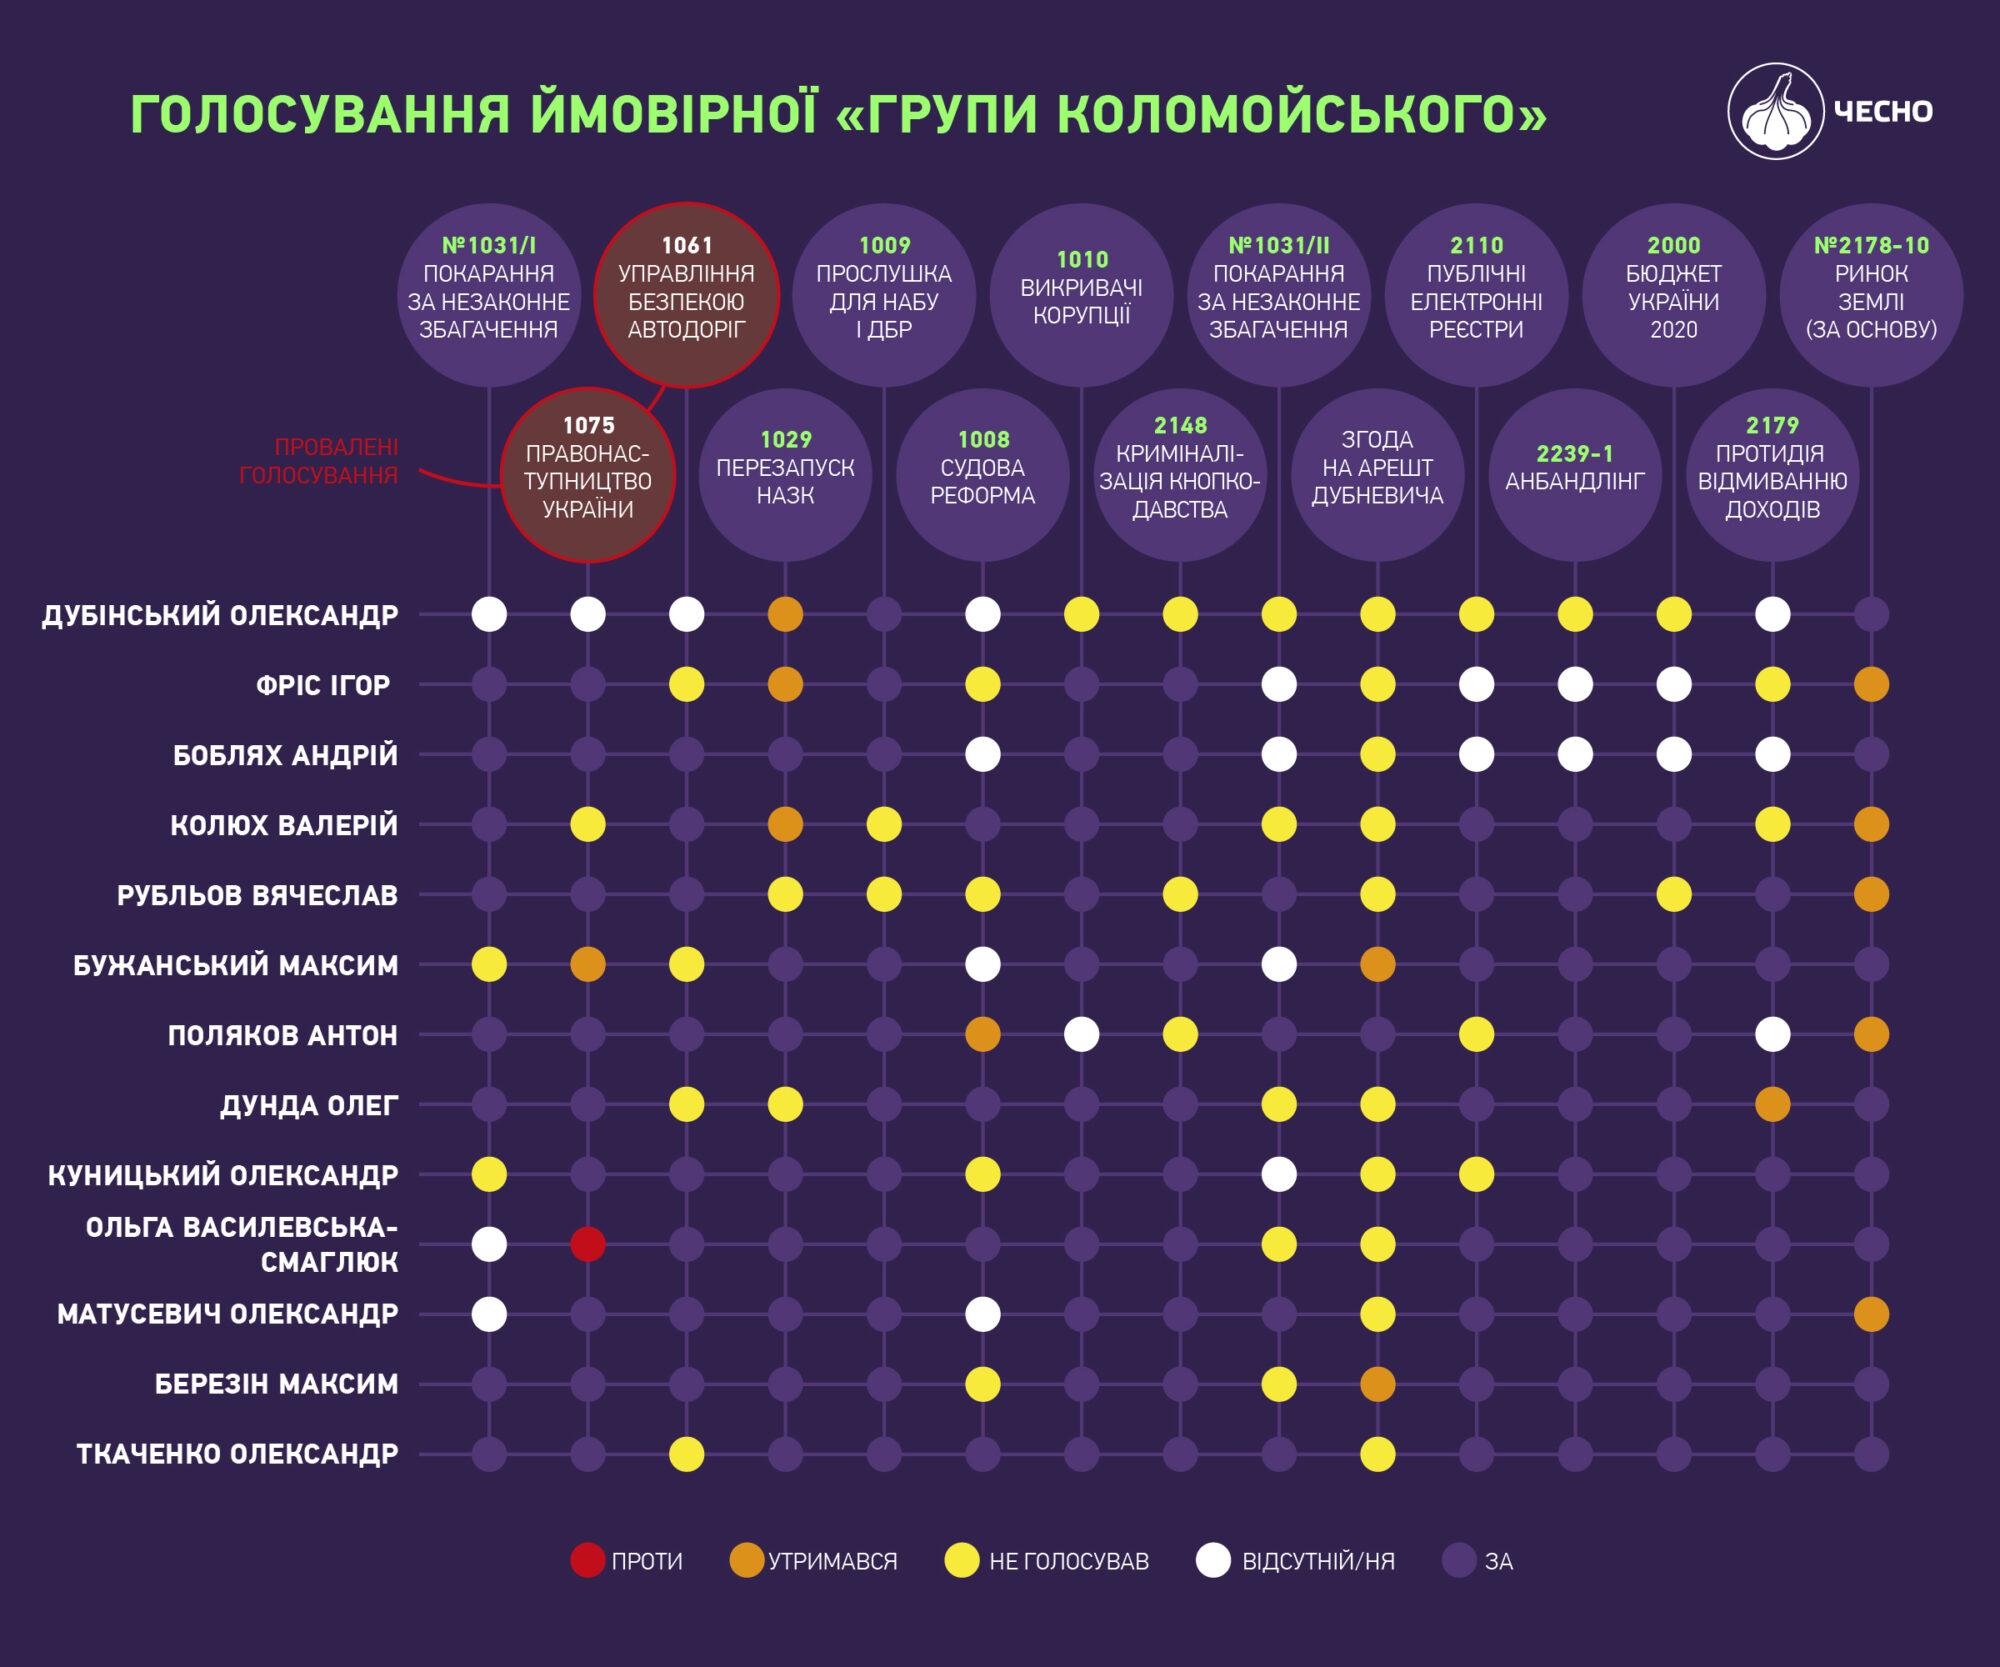 Відпрацьований матеріал: як Дубінський зруйнував власну кар'єру - слуга народу, санкції, Дубінський - hrupa kolomoiskogo 2000x1667